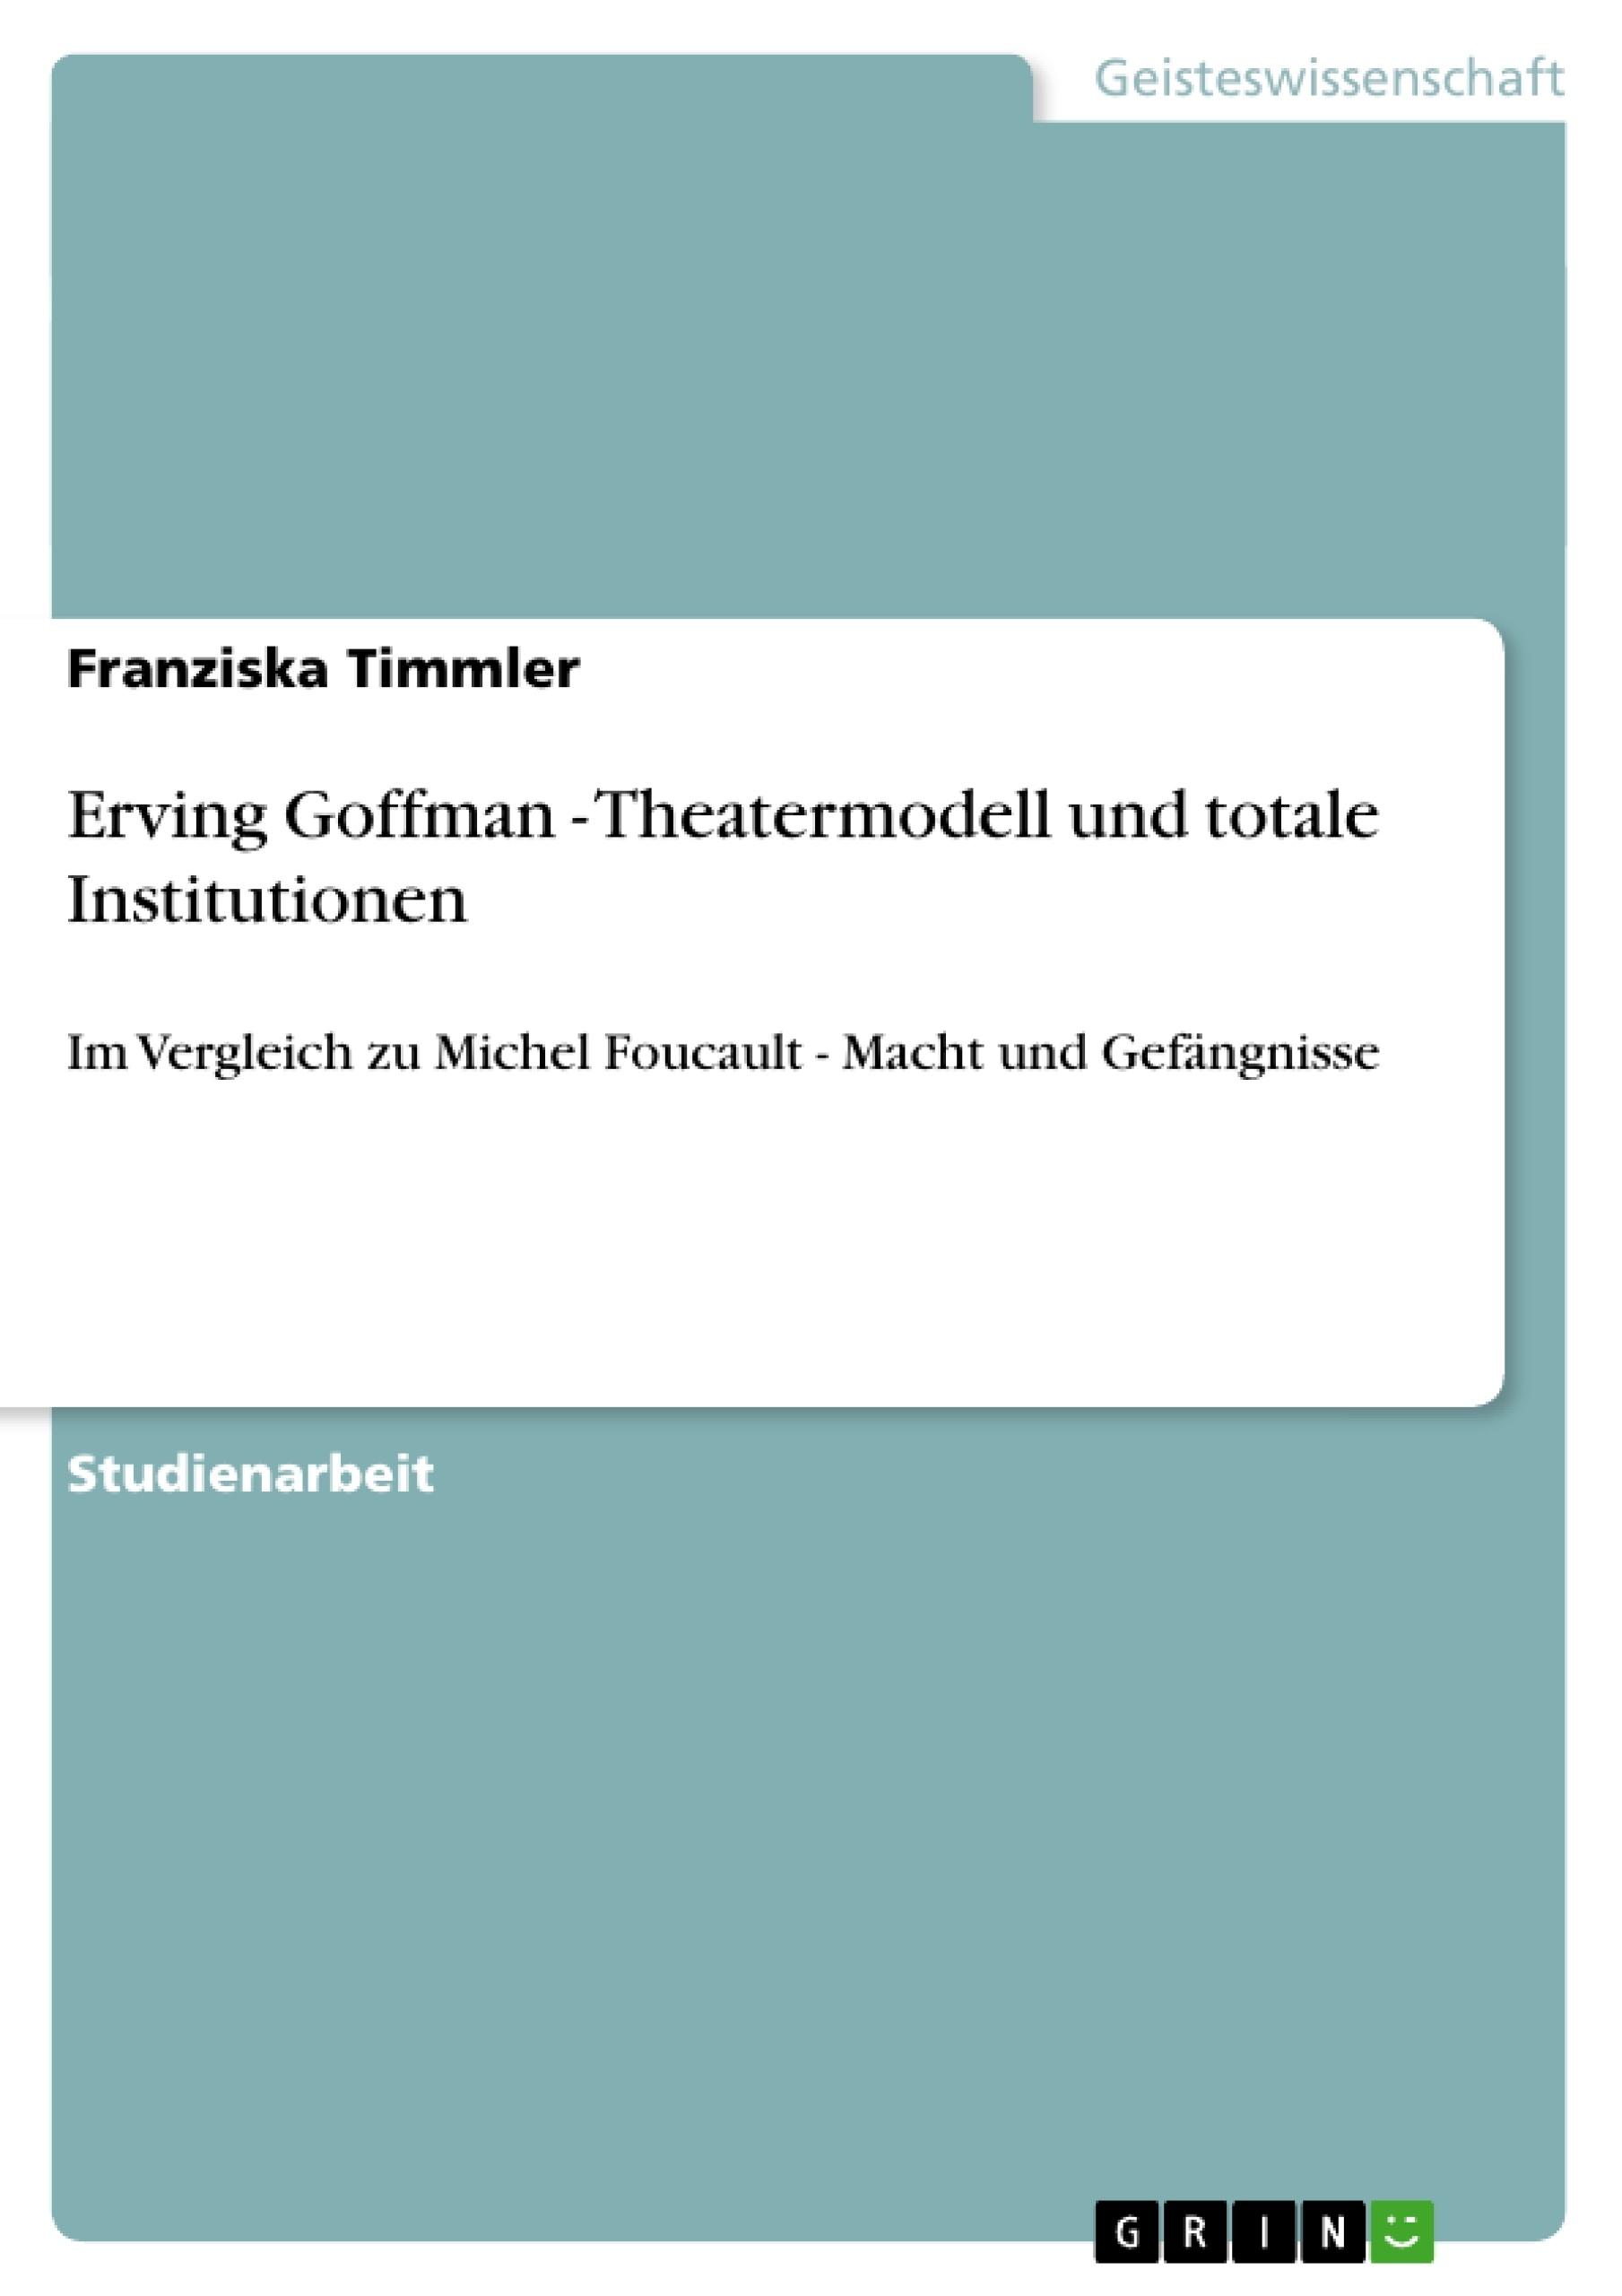 Titel: Erving Goffman - Theatermodell und totale Institutionen